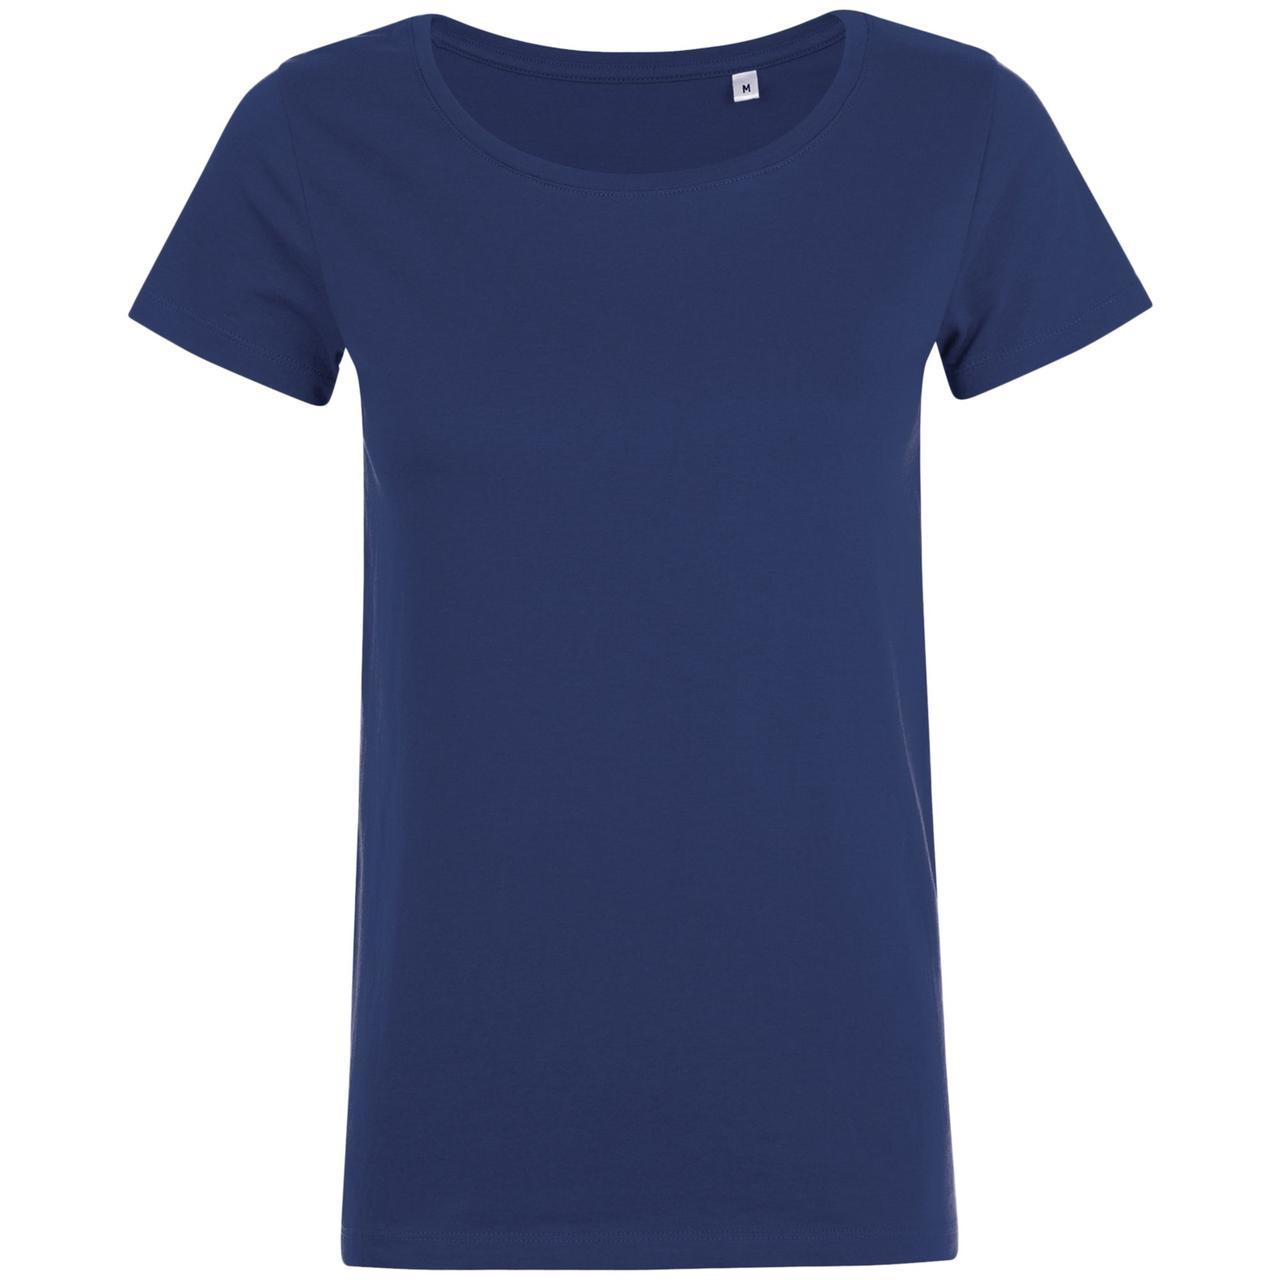 Футболка женская Mia, темно-синяя (артикул 01699319)